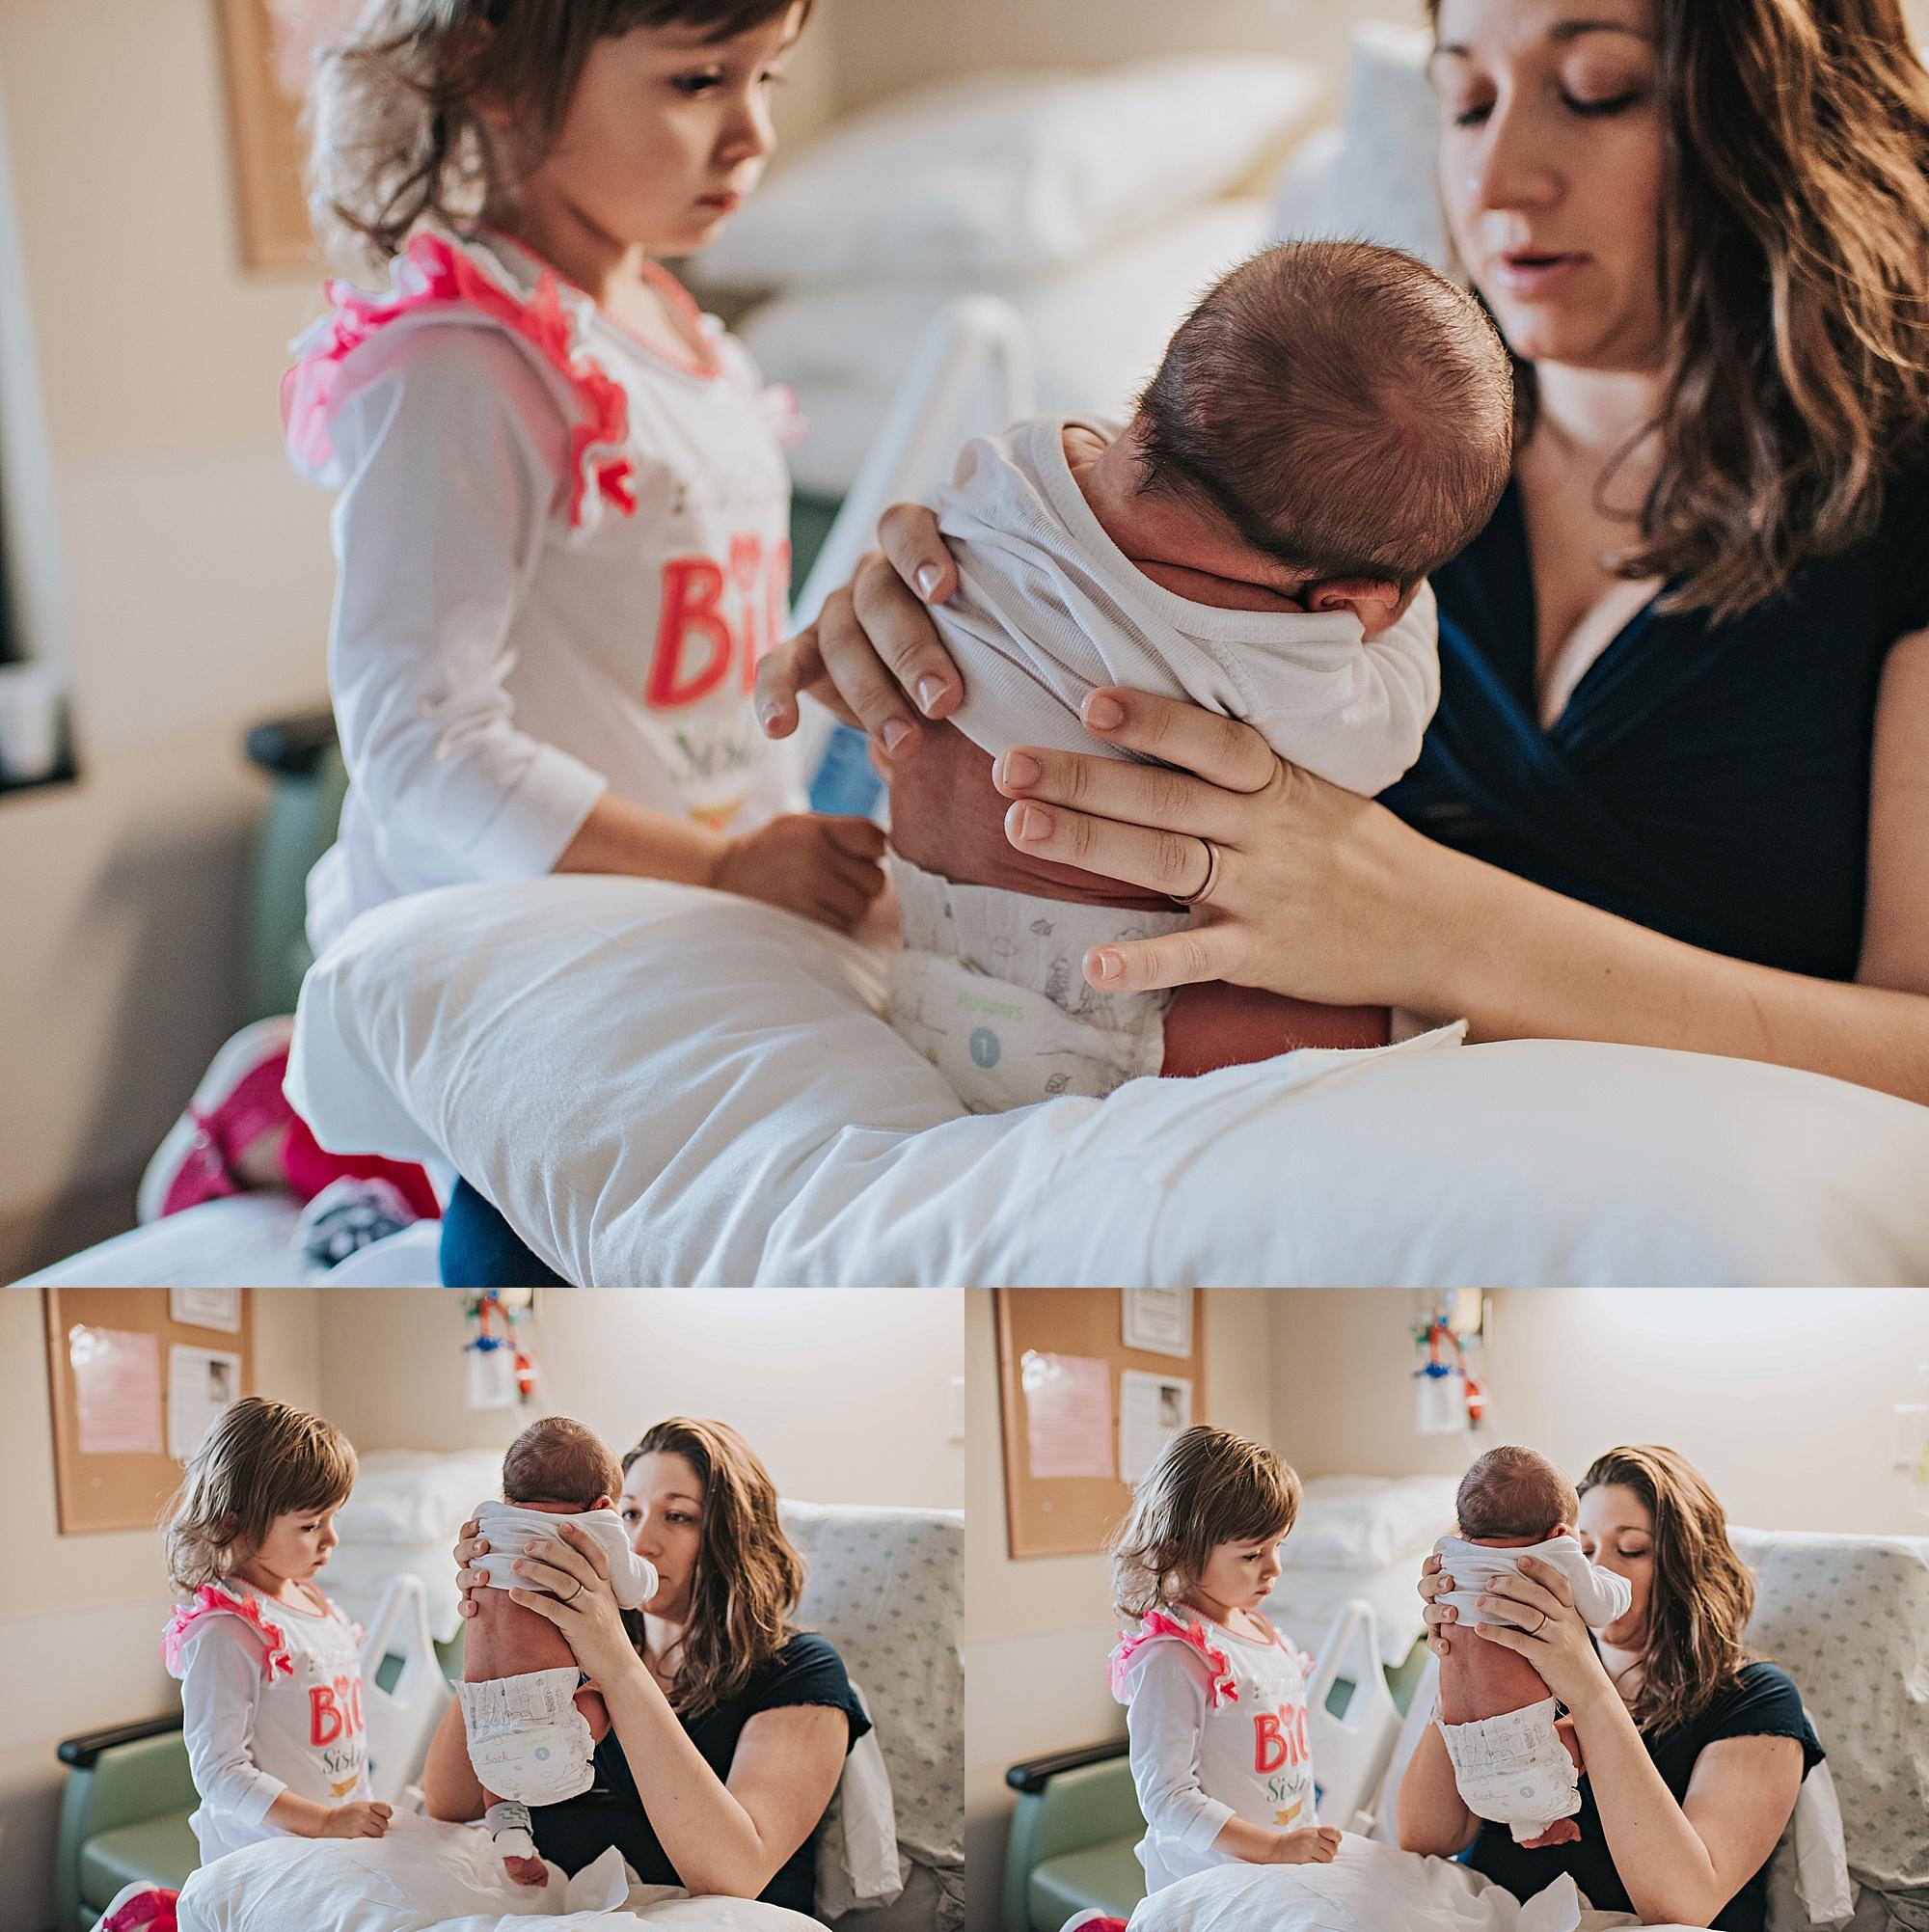 Dudones-family-cleveland-photographer-lauren-grayson-fresh-48-session_0011.jpg